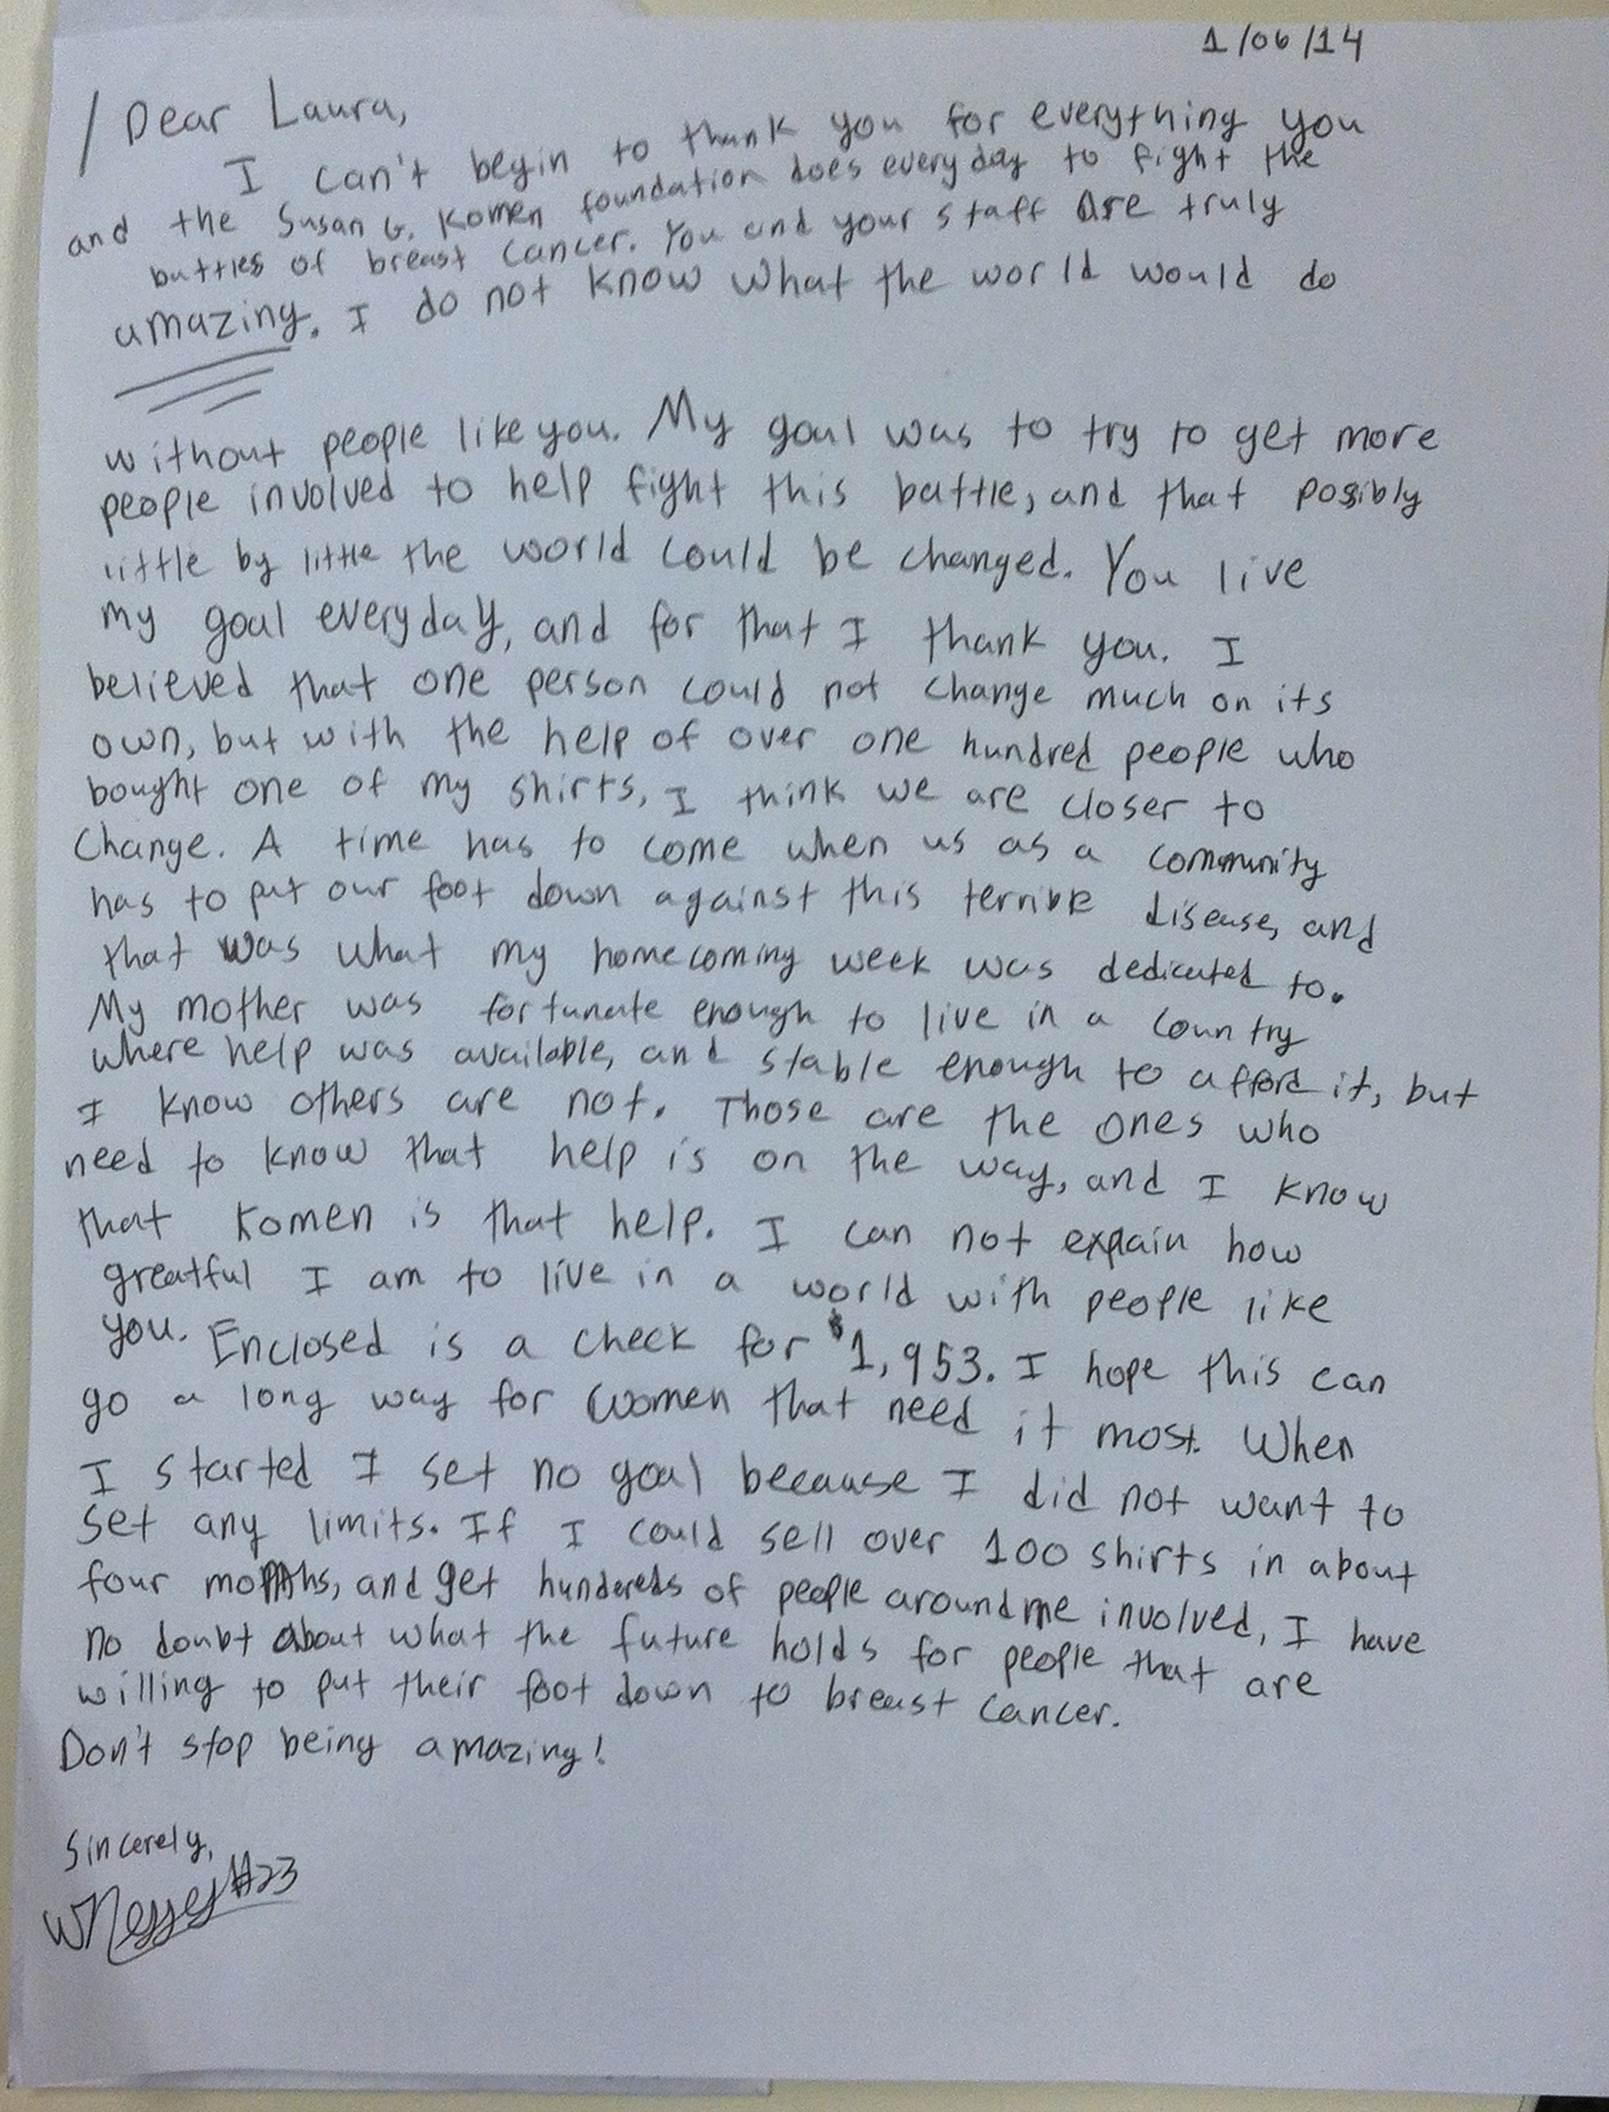 Walter_letter